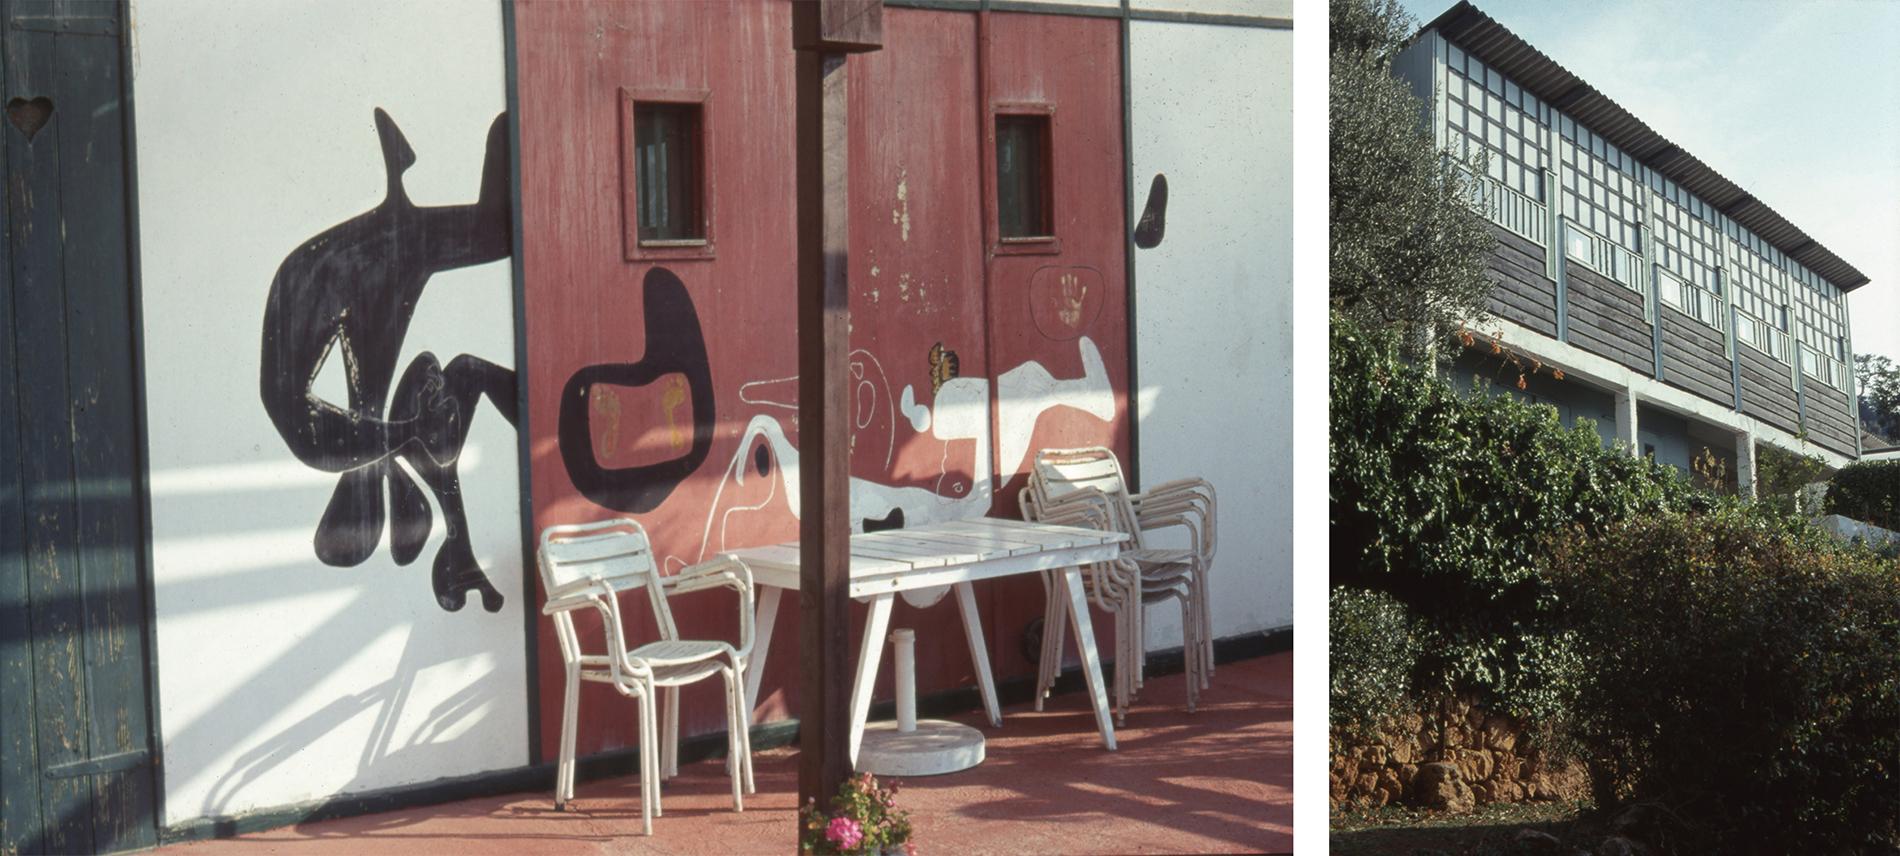 Bild tv: Exteriörmålning från värdshuset. Bild th: Unités de Camping ligger i närheten av Le Cabanon. Foton: Olle Svedberg